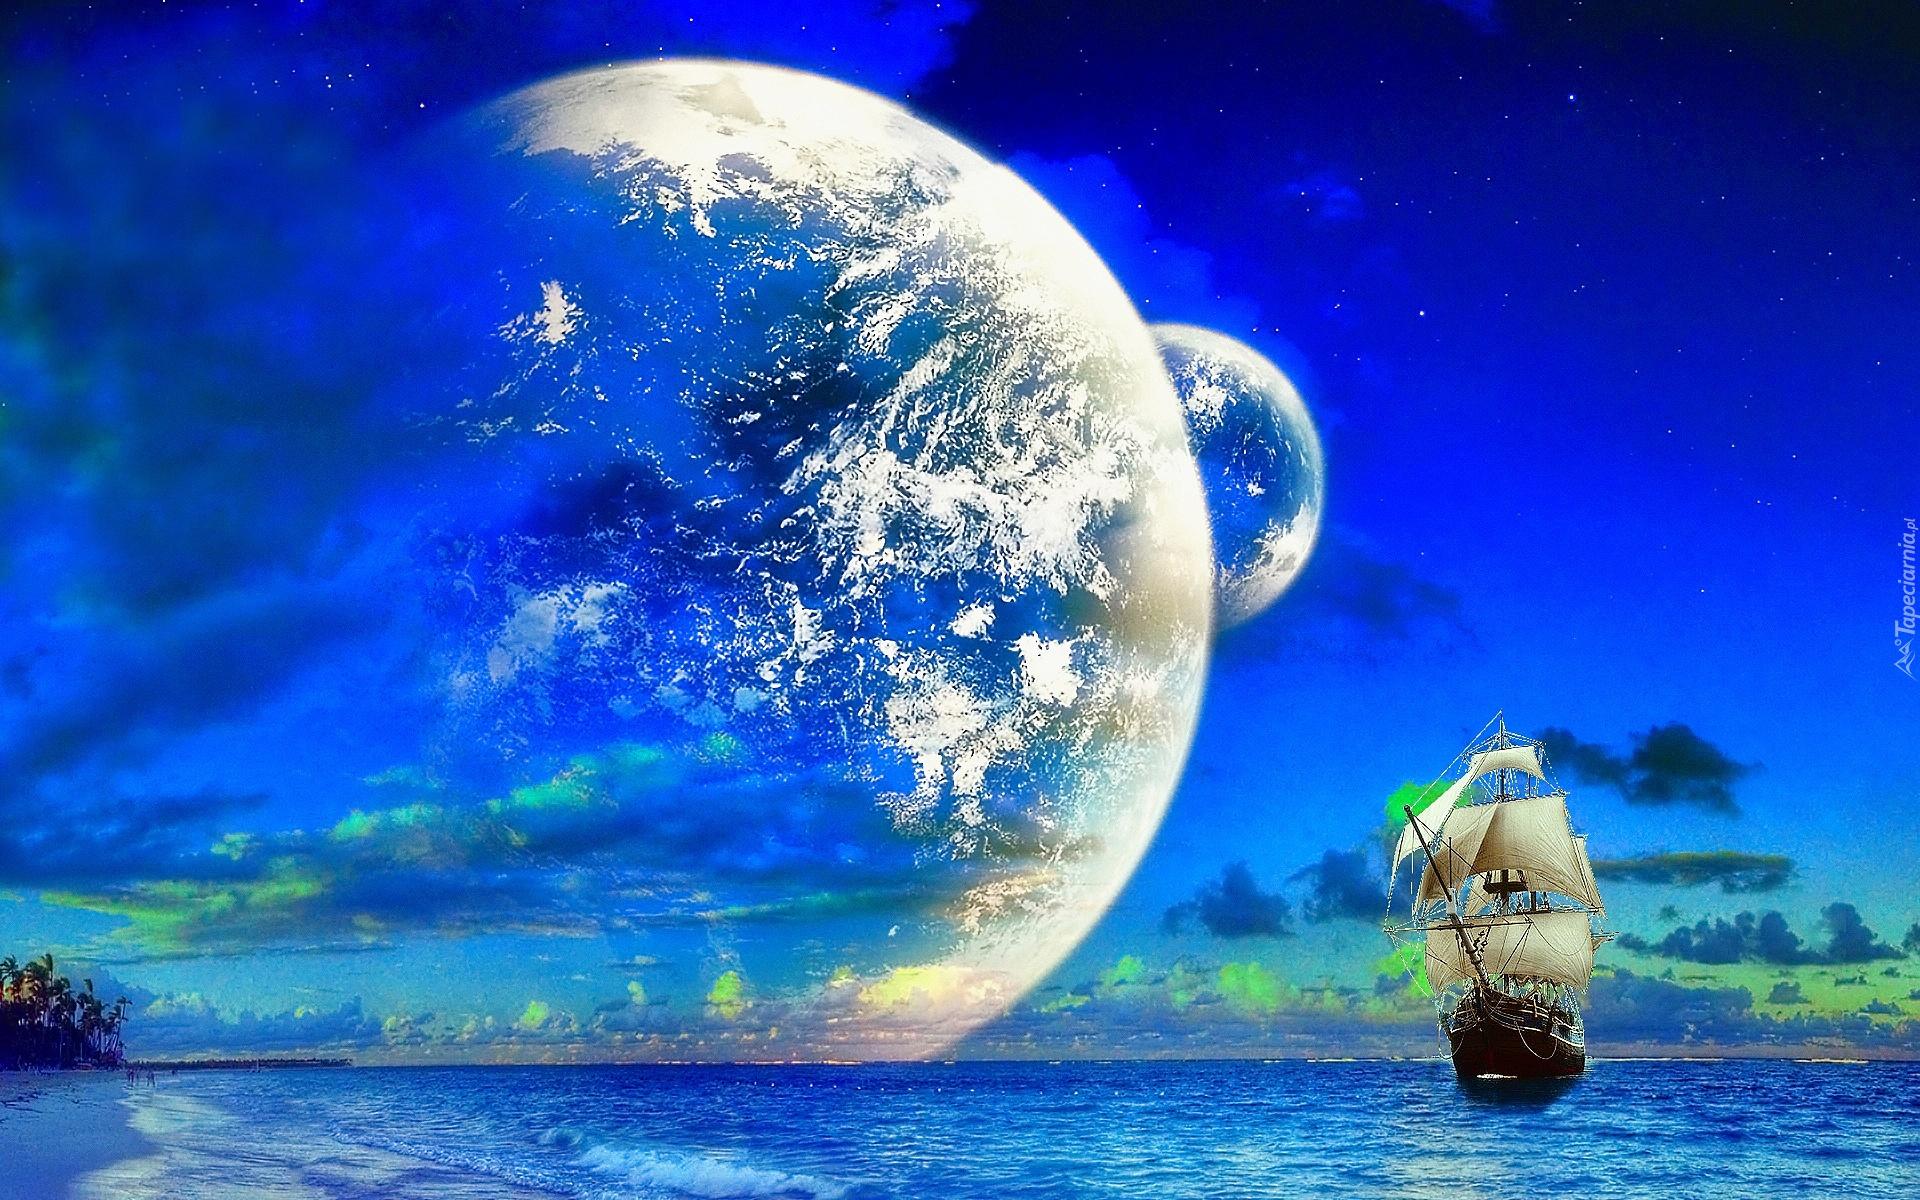 Grafika statek aglowiec planety morze for Sfondi per desktop 3d